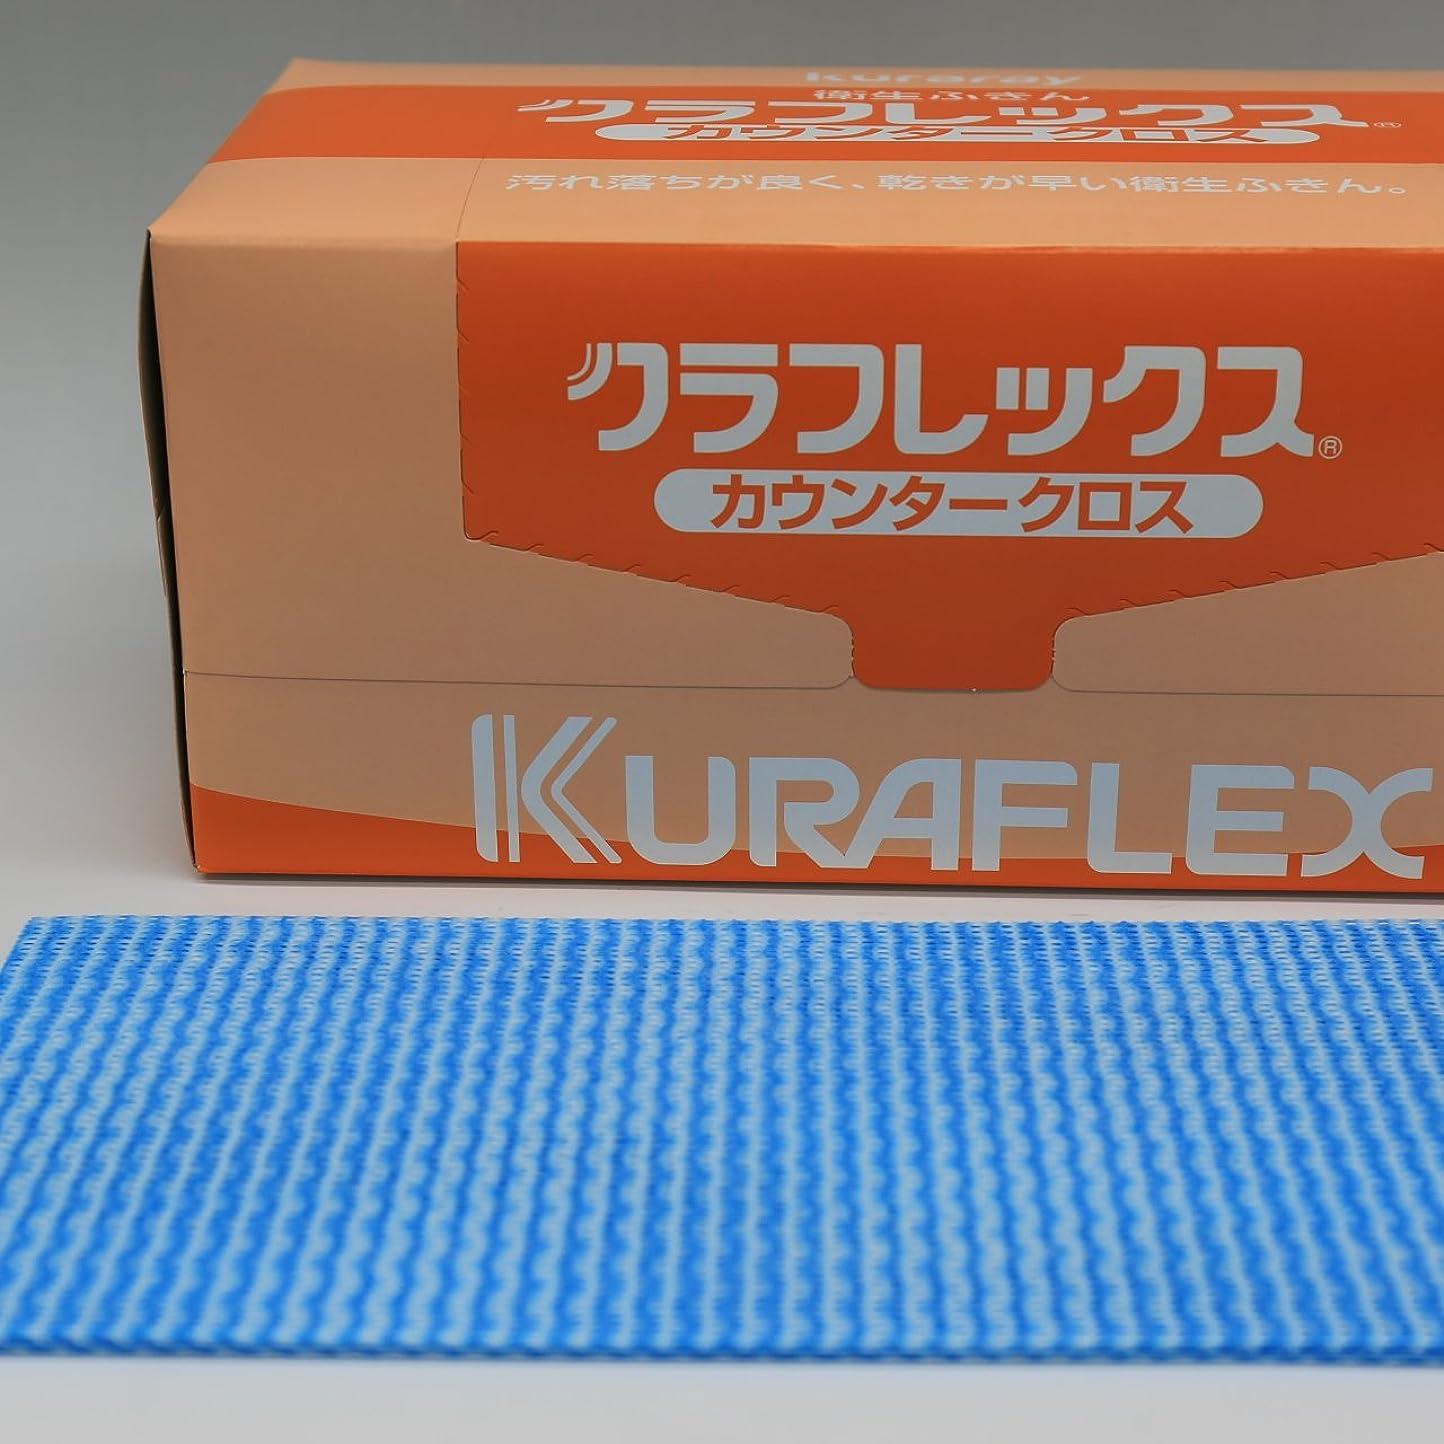 説教するジャンプする服を着るクラフレックス カウンタークロス 箱入 61×61cm ZR-1023-30 厚手大 ブルー 30枚